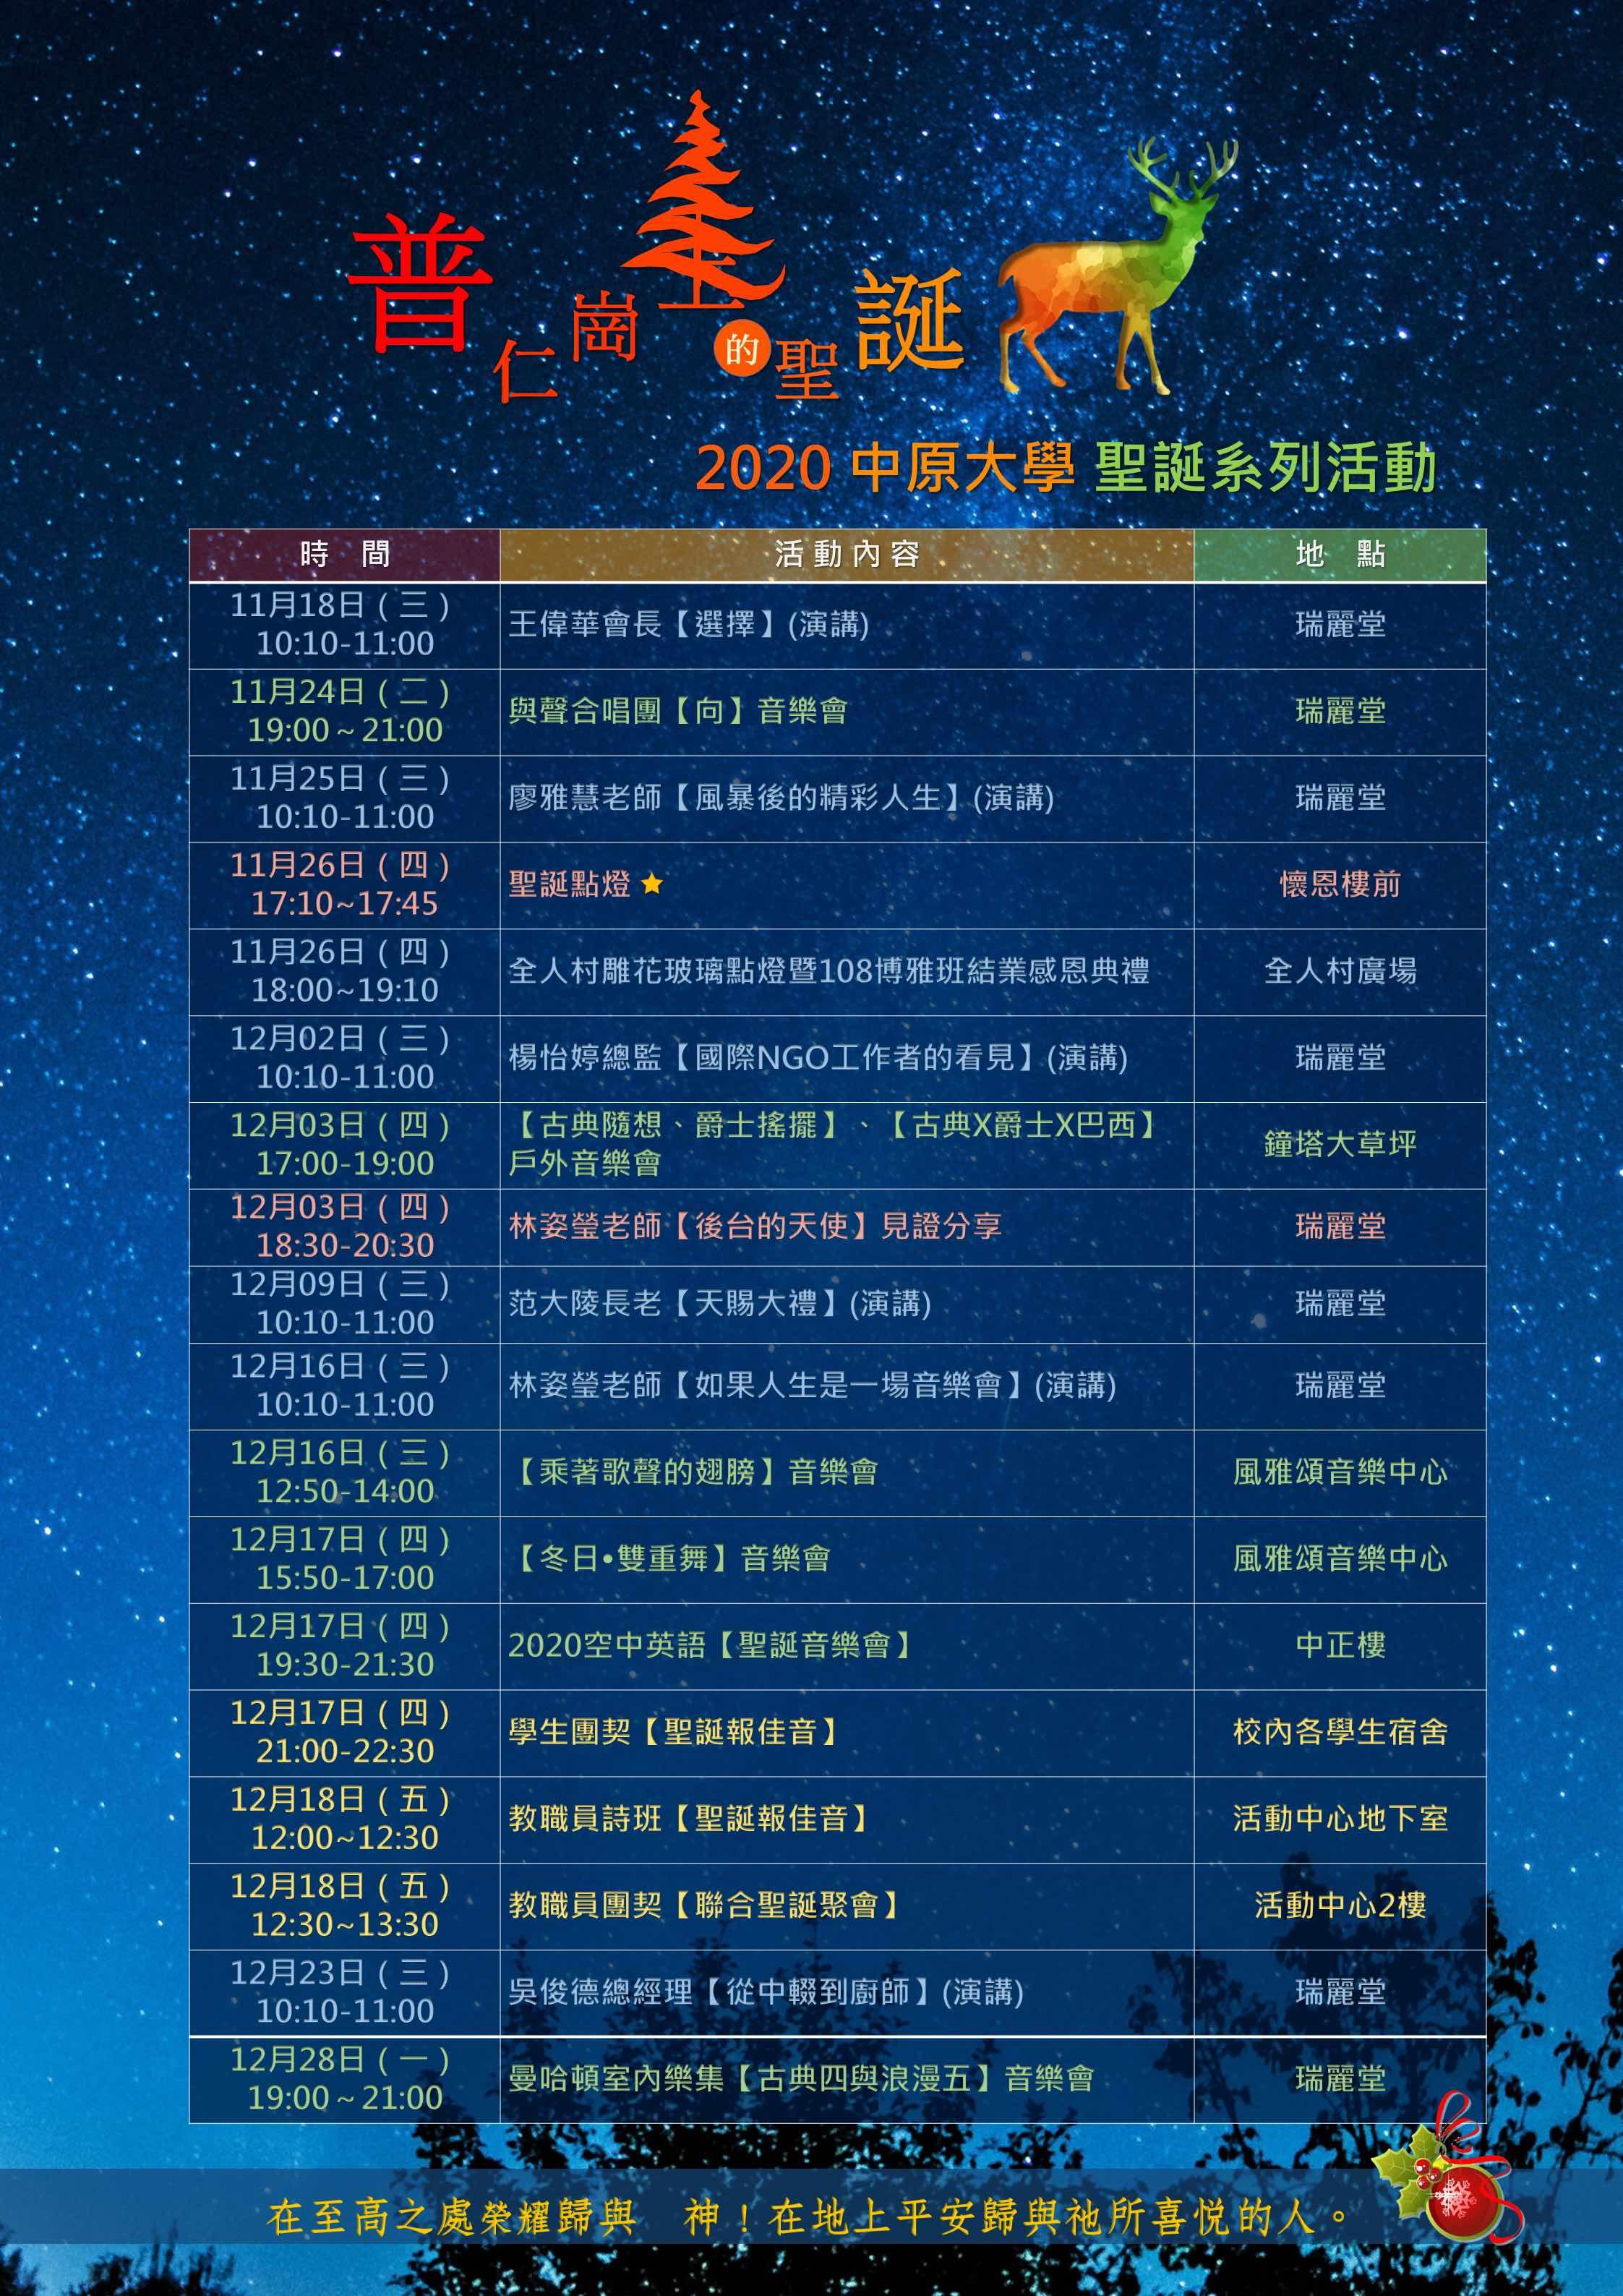 2020年中原大學聖誕系列活動.jpg